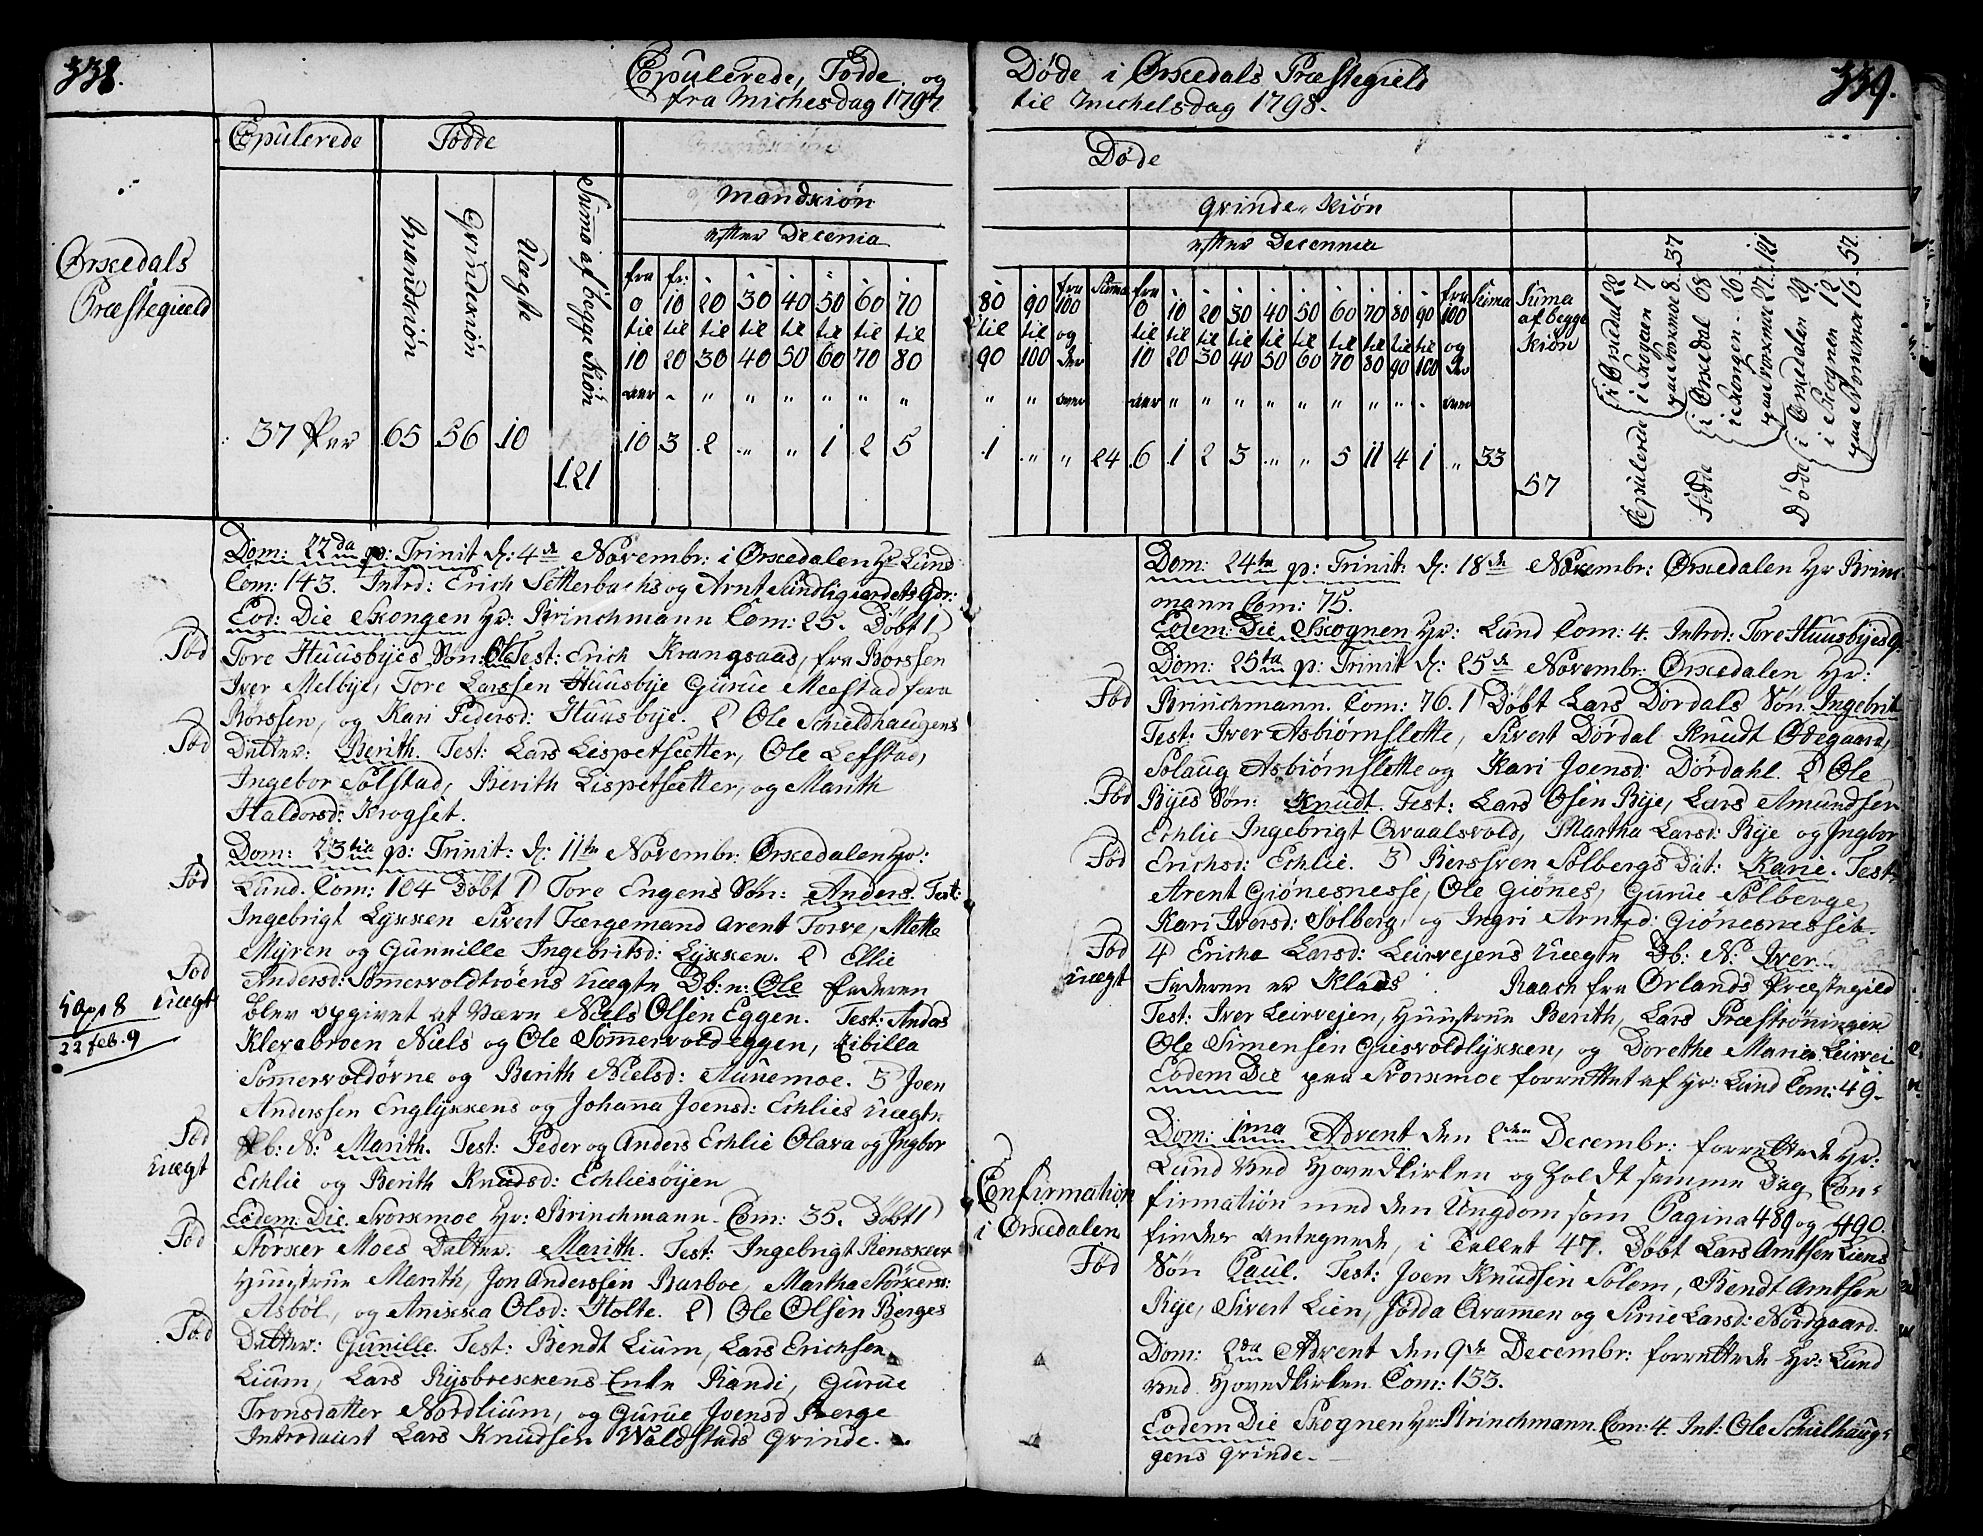 SAT, Ministerialprotokoller, klokkerbøker og fødselsregistre - Sør-Trøndelag, 668/L0802: Ministerialbok nr. 668A02, 1776-1799, s. 338-339